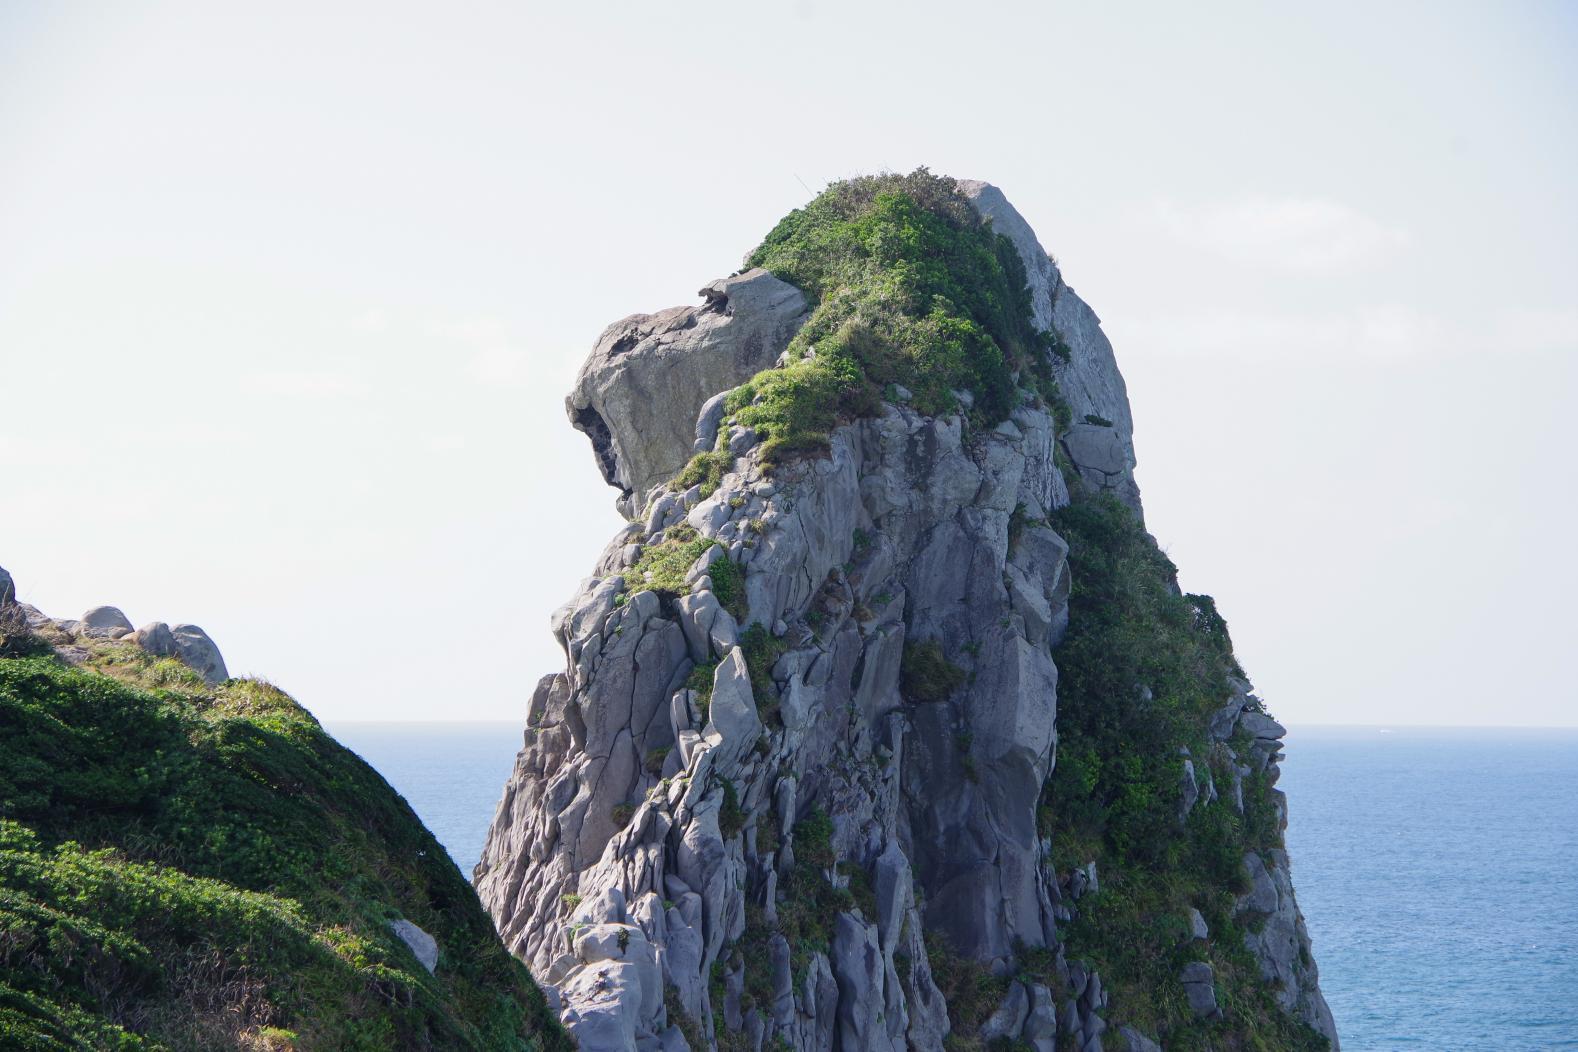 夕暮れ時は哀愁感漂う!? 壱岐のシンボル「猿岩」-1